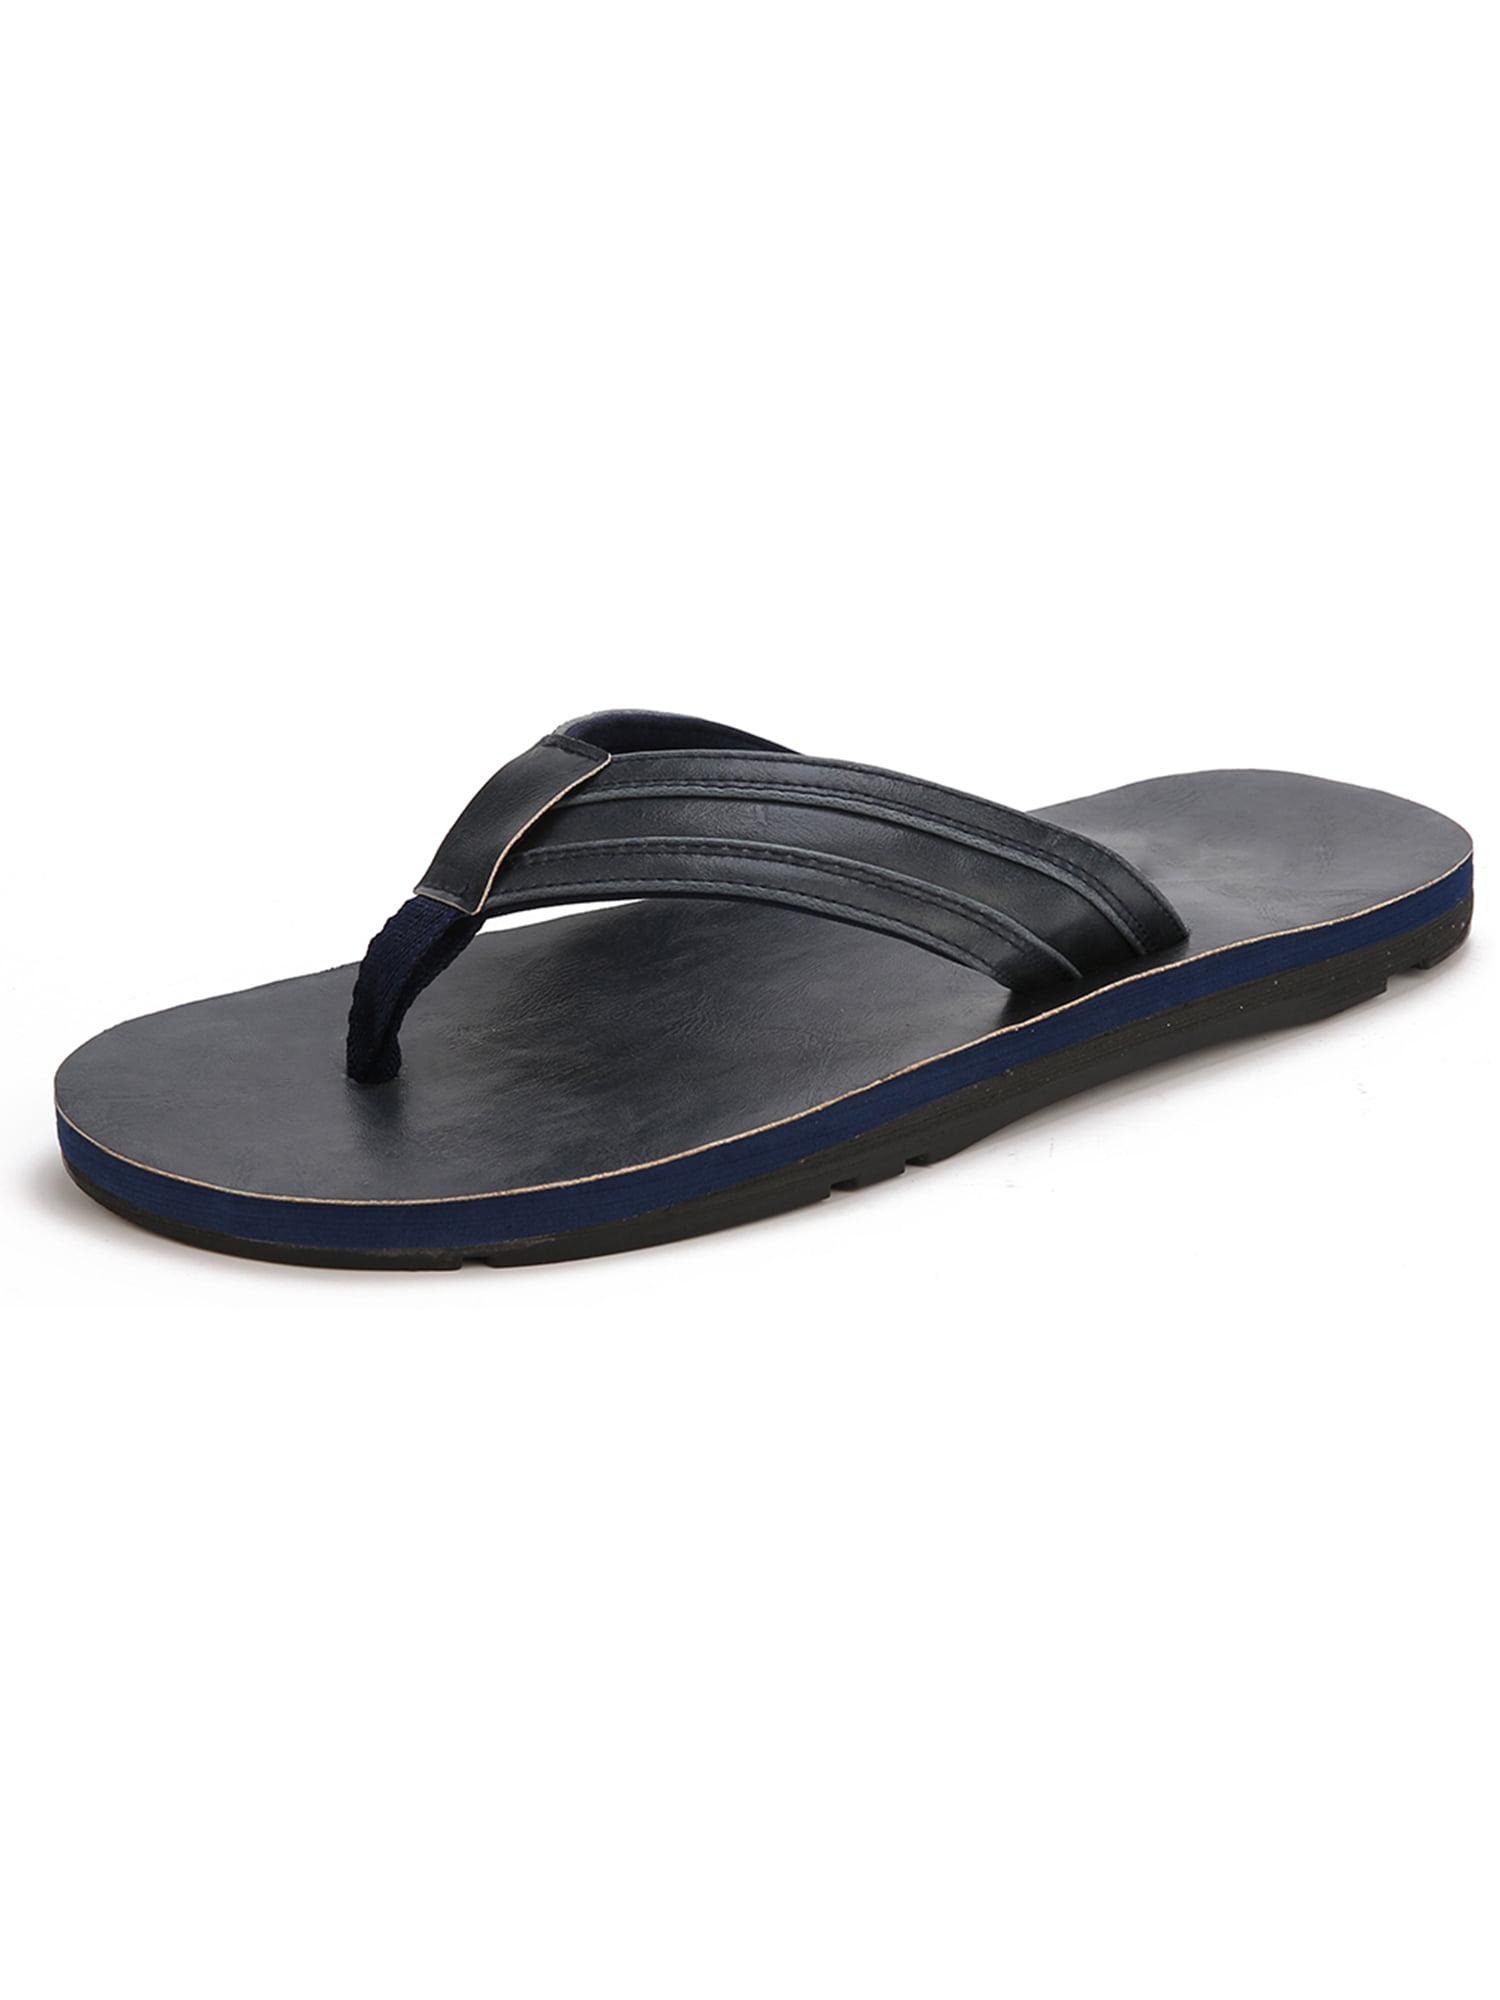 936a6561f0e4 Tanleewa - Men Flip Flop Thong Sandals Comfort Lightweight Slippers